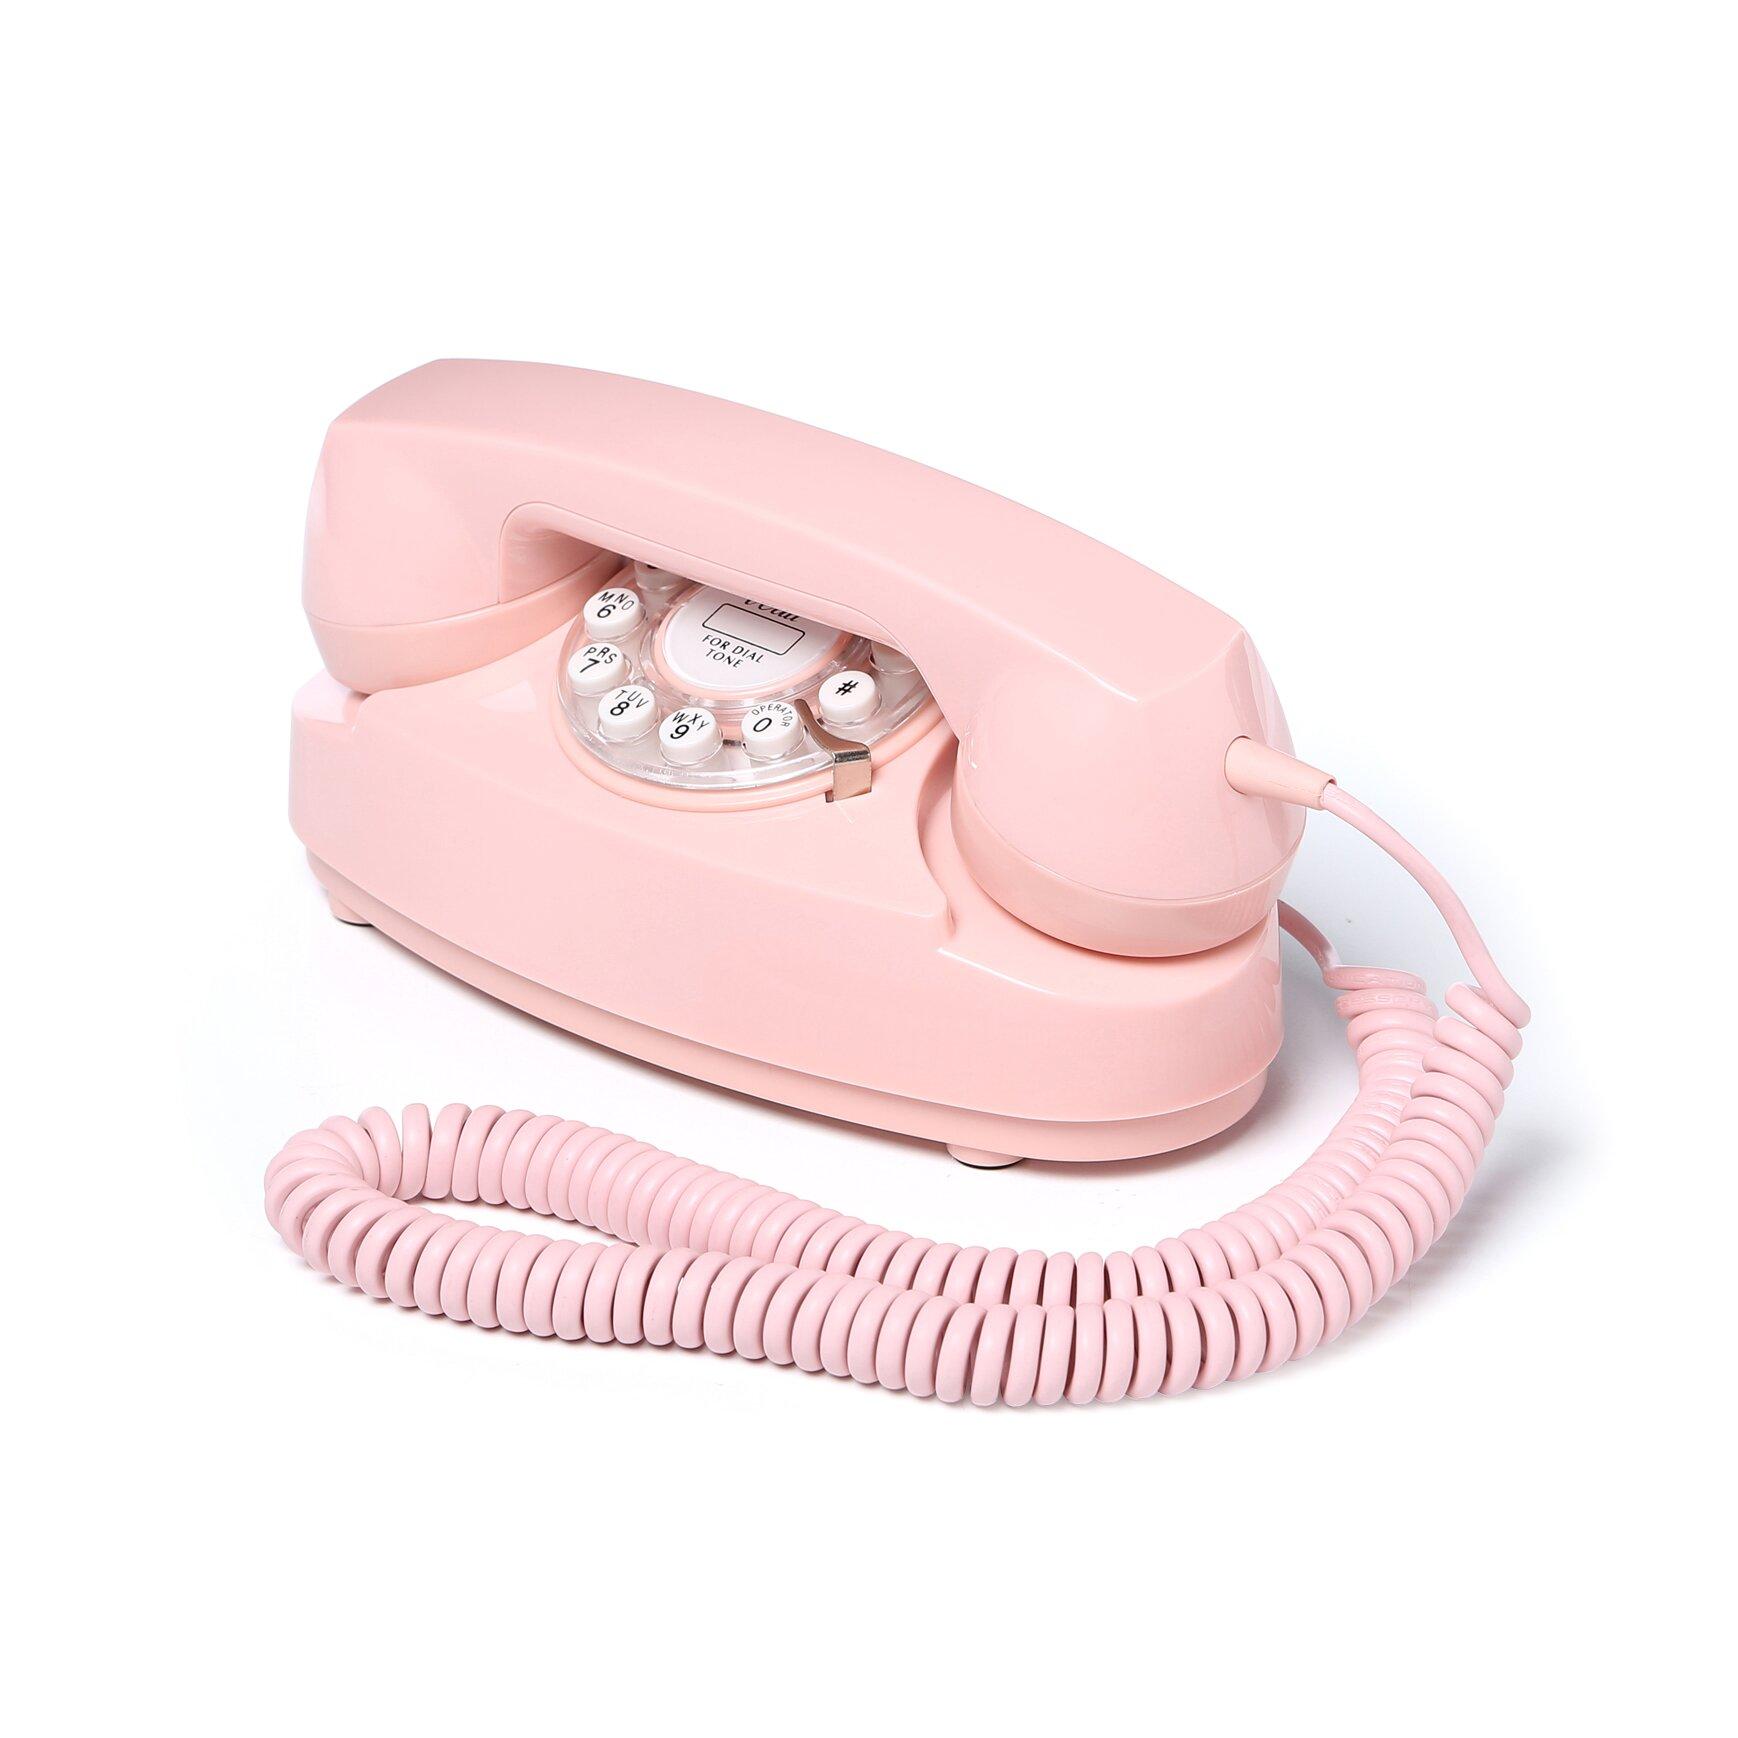 Crosley Princess Phone Amp Reviews Wayfair